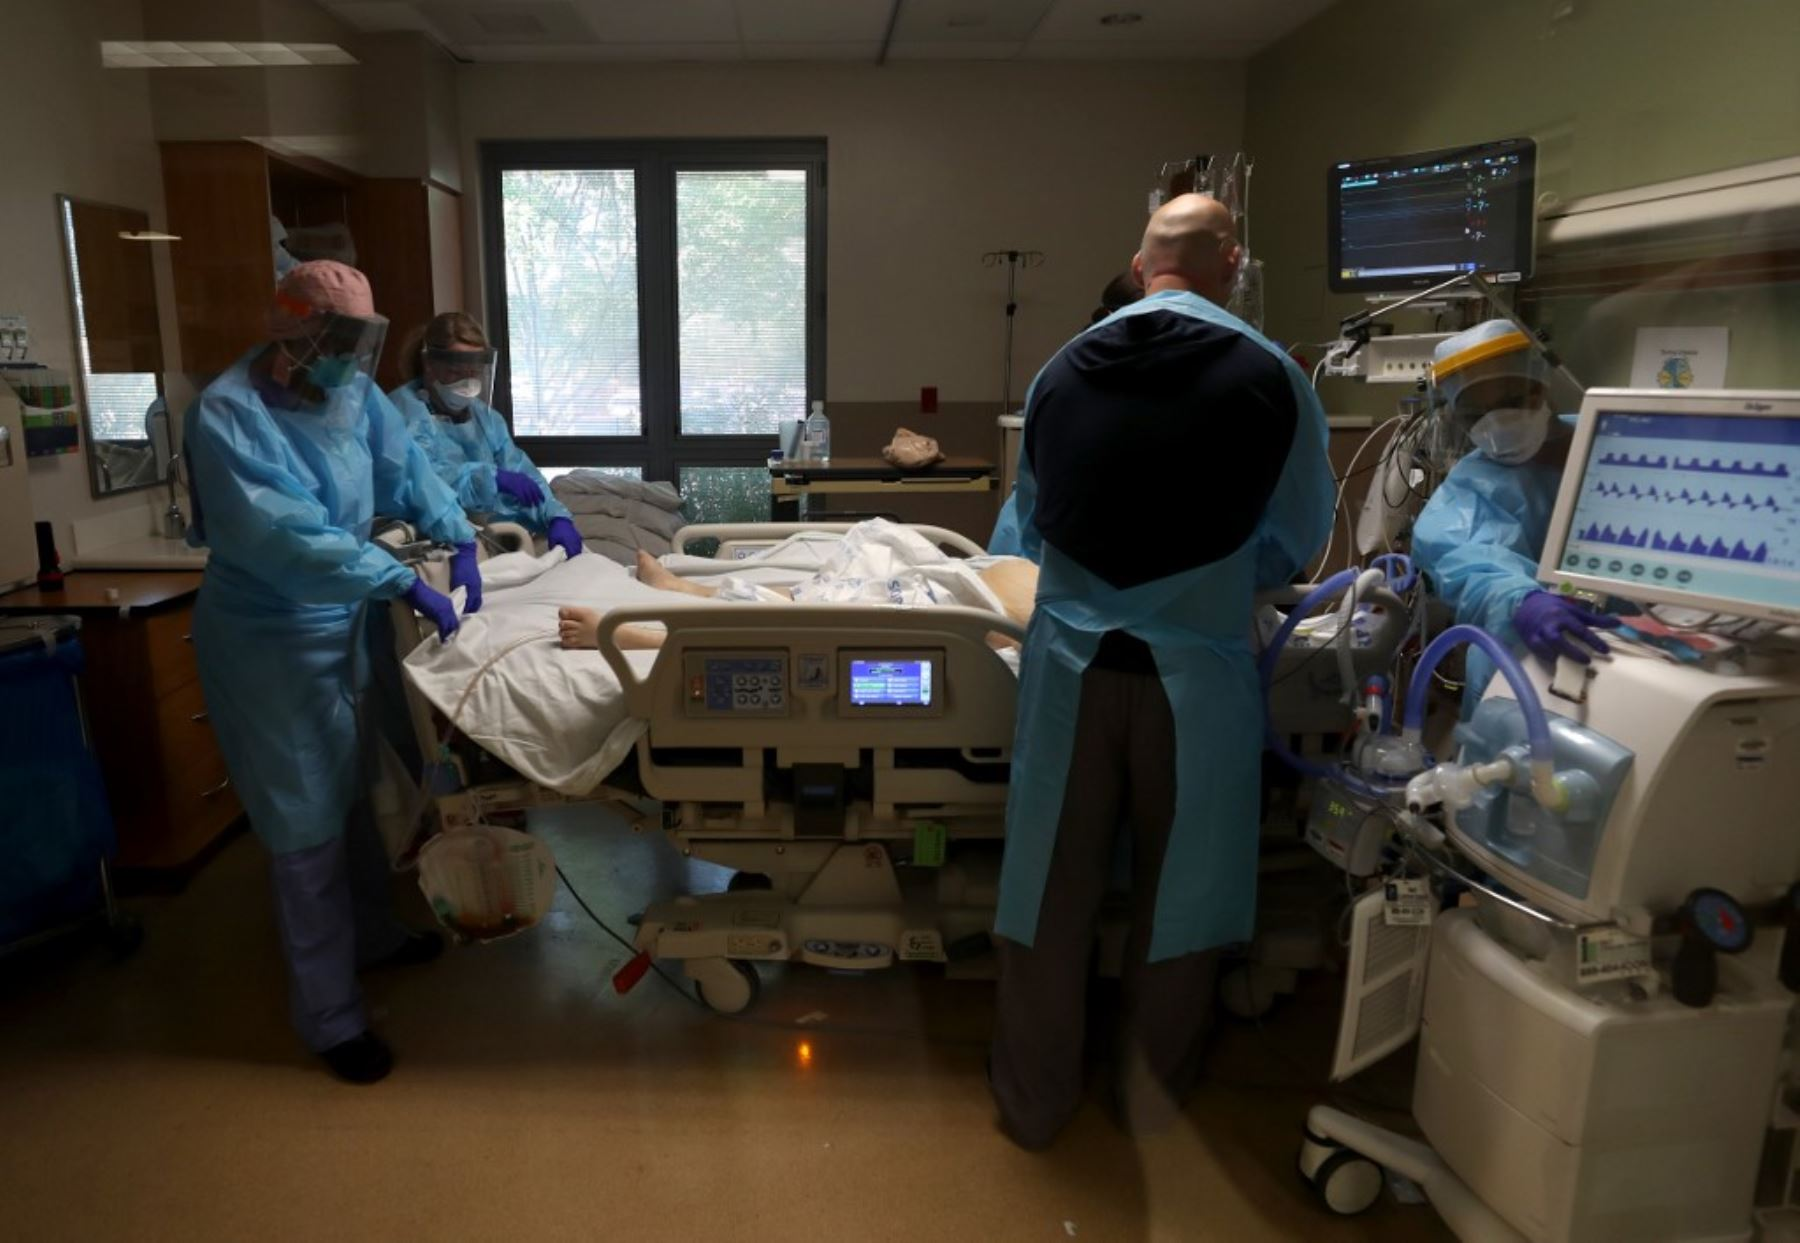 Las enfermeras atienden a un paciente con coronavirus COVID-19 en la unidad de cuidados intensivos (I.C.U.) en el Centro Médico Regional en San José, California. Foto: AFP